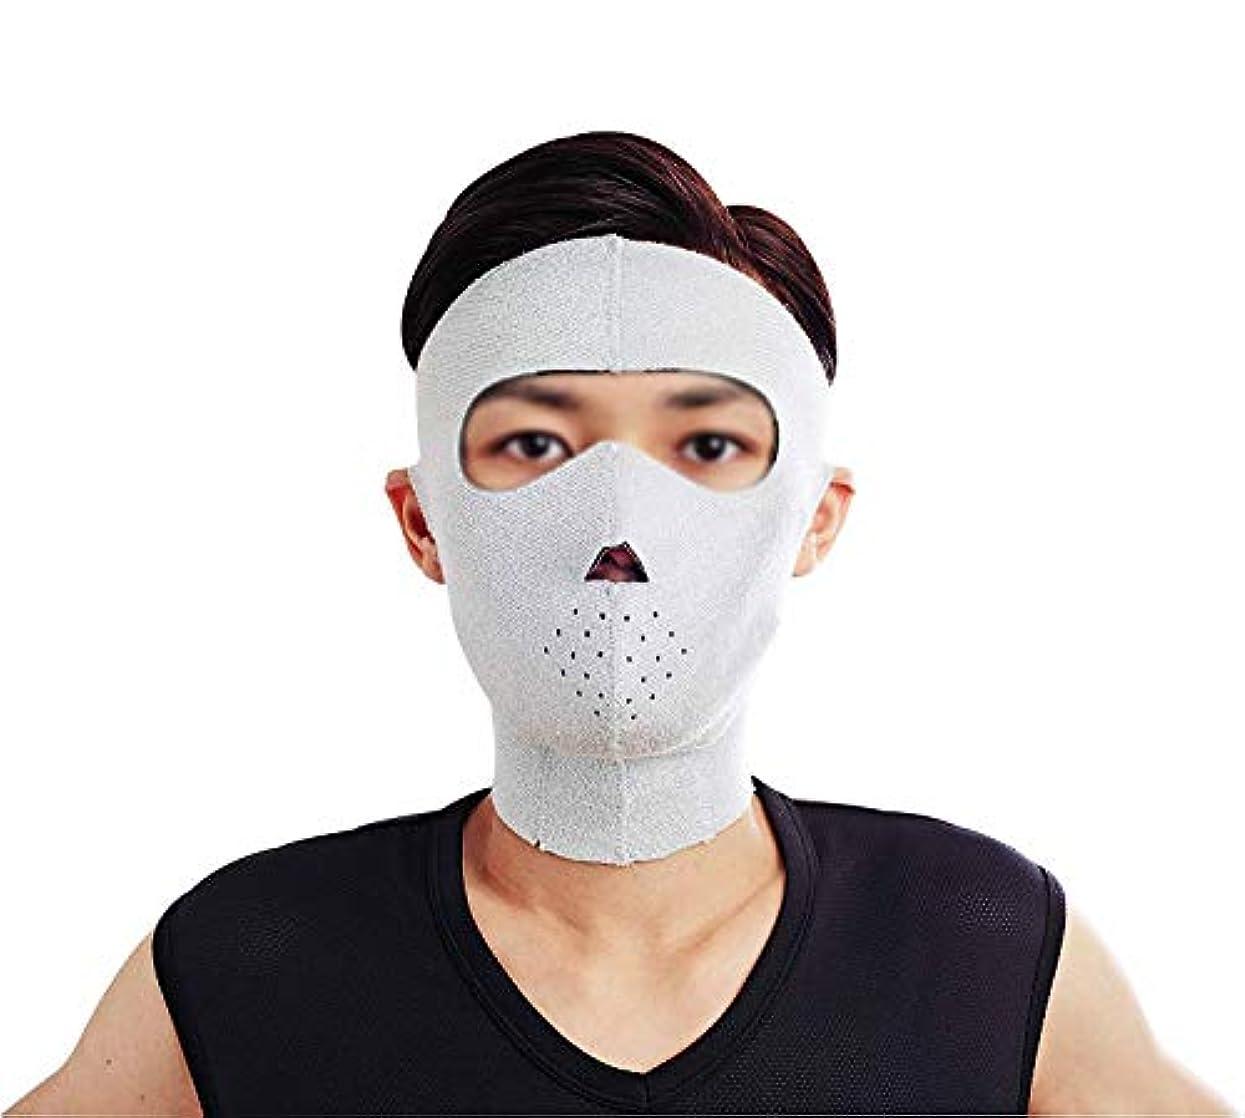 マークされた陽気なテーブルGLJJQMY 薄い顔のマスクのマスクと男性のネックバンドとの垂れ下がり防止の薄い顔のマスクの薄い顔のマスクのアーチファクトの美しさを引き締め 顔用整形マスク